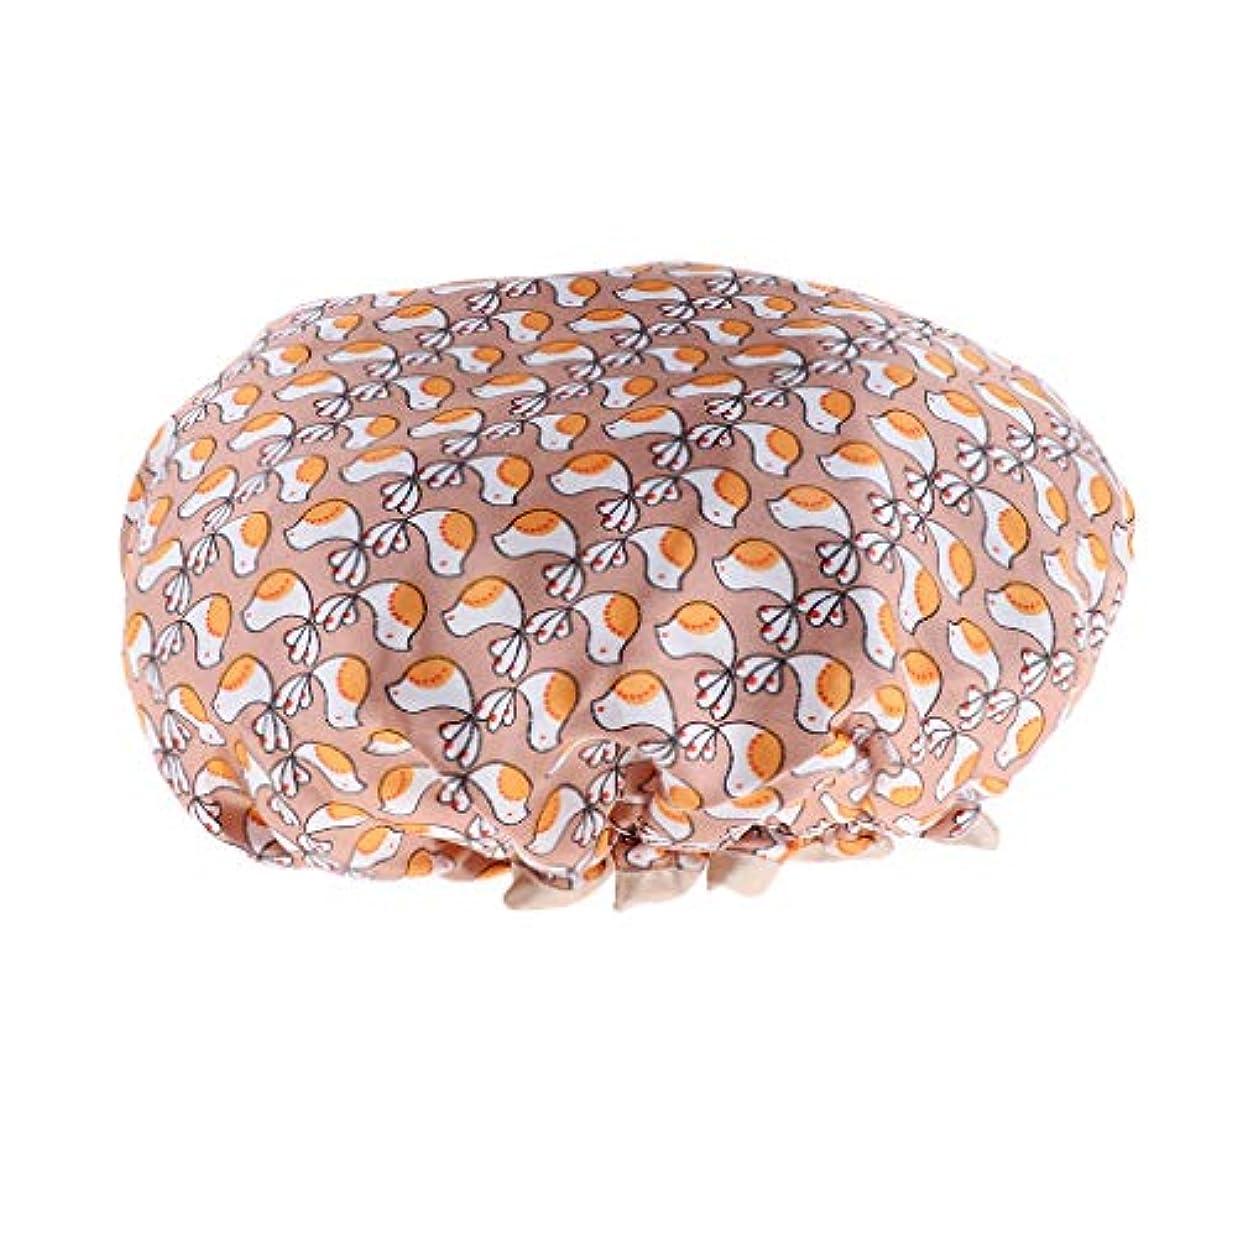 南つらいアリーナD DOLITY シャワーキャップ ヘアキャップ 帽子 女性用 入浴 バス用品 二重層 防水 全3色 - ゴールド